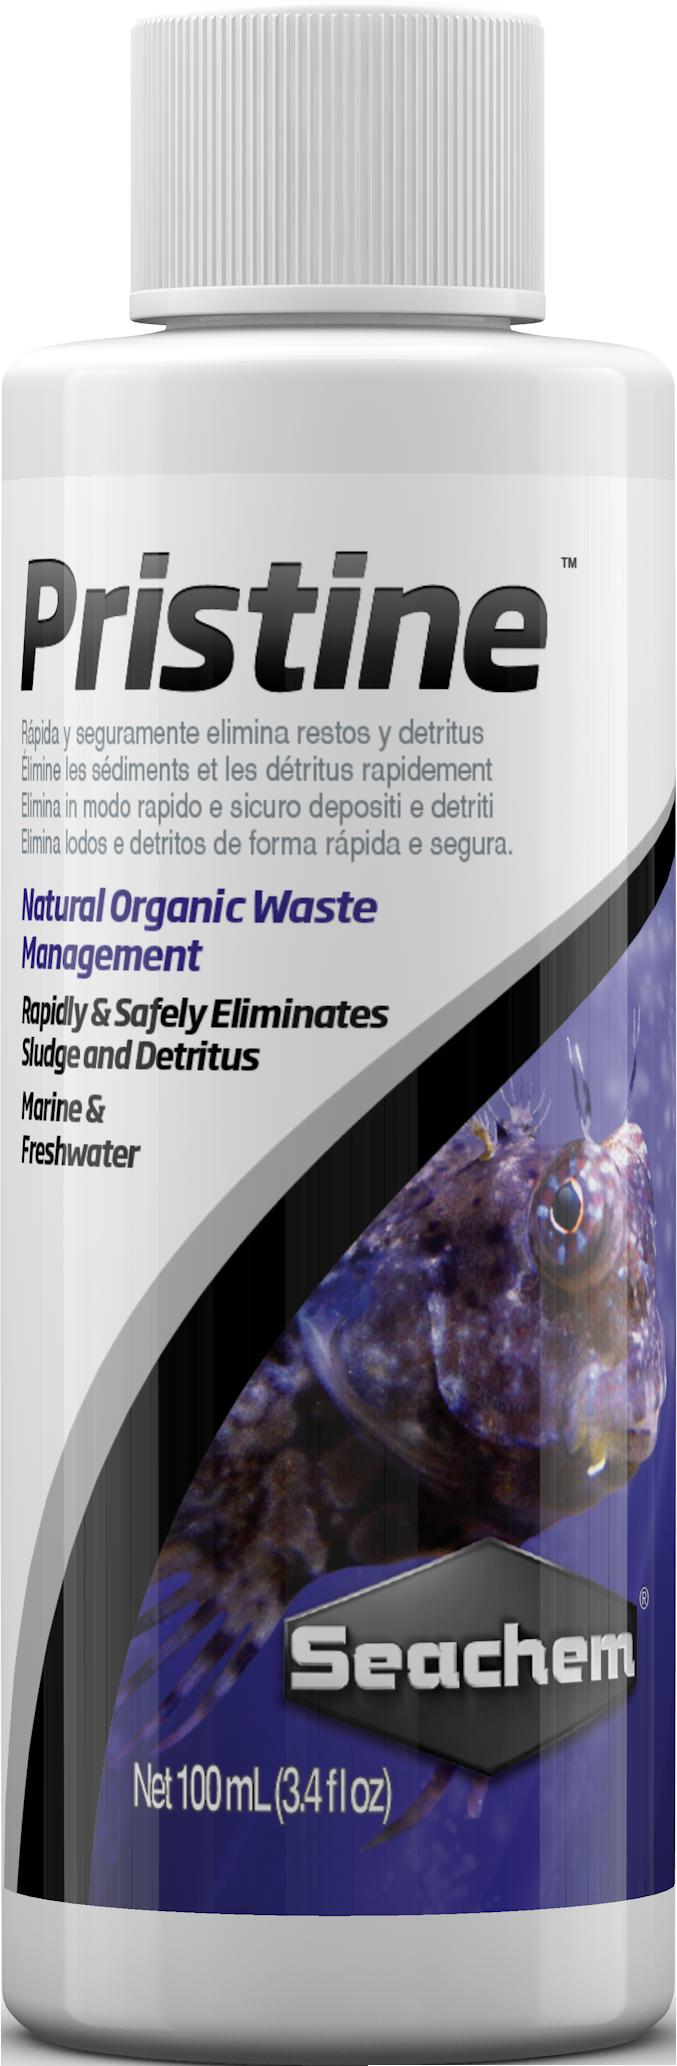 SEACHEM Pristine 100 ml bactéries spécifiques améliorant la qualité de l\'eau en aquarium d\'eau douce et d\'eau de mer